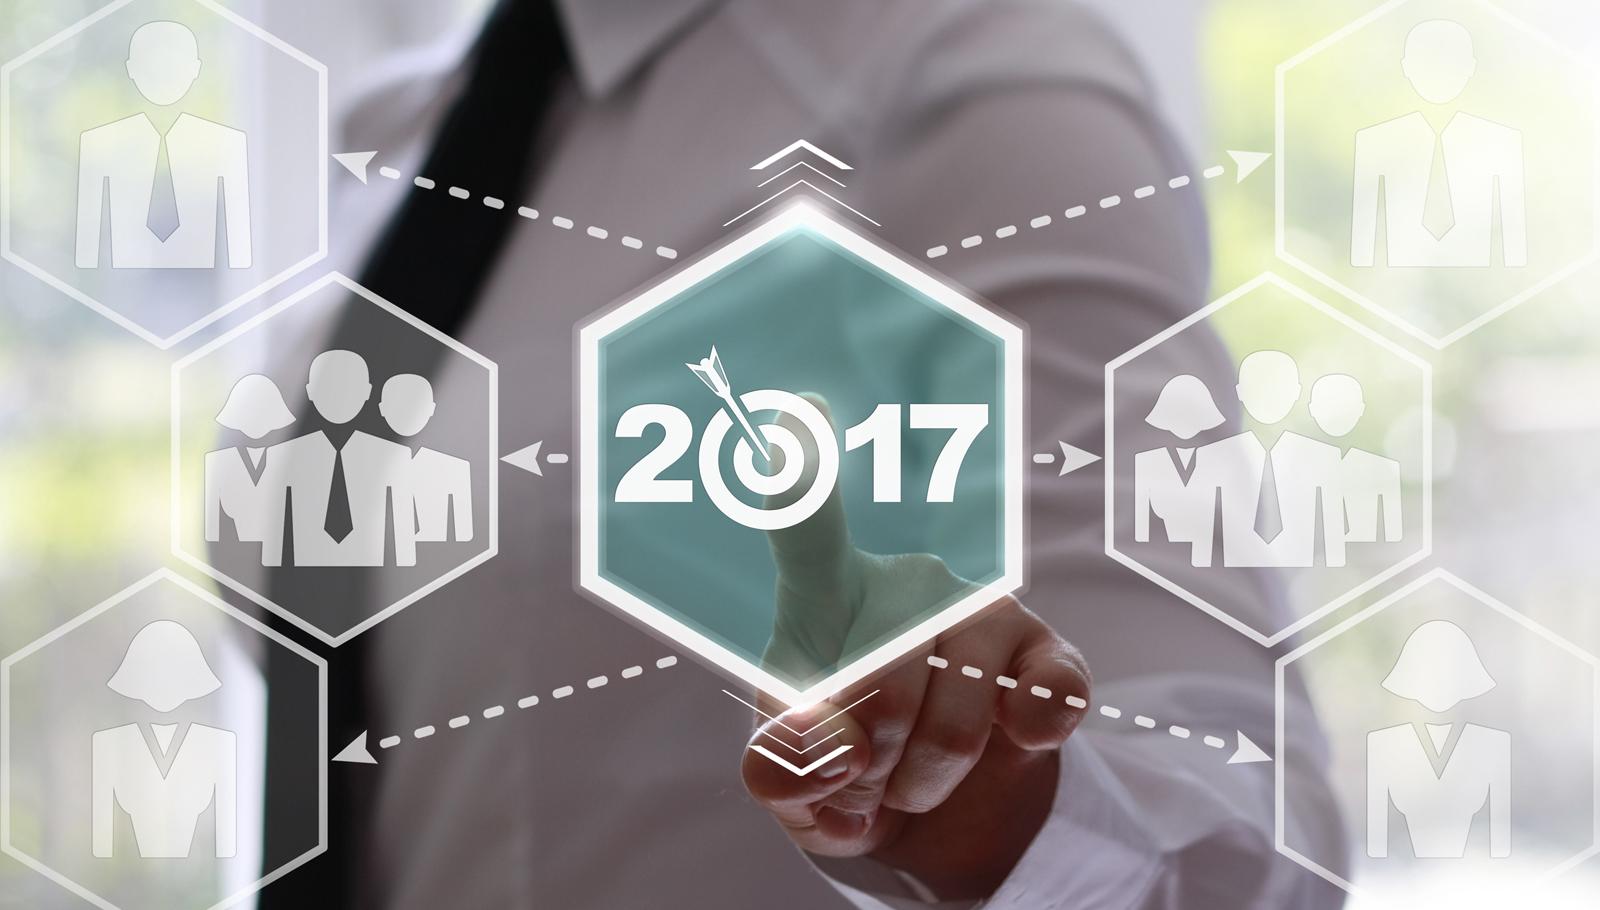 Kobilere Notlar: Pazarlamada 2017 Sizin Yılınız Olsun